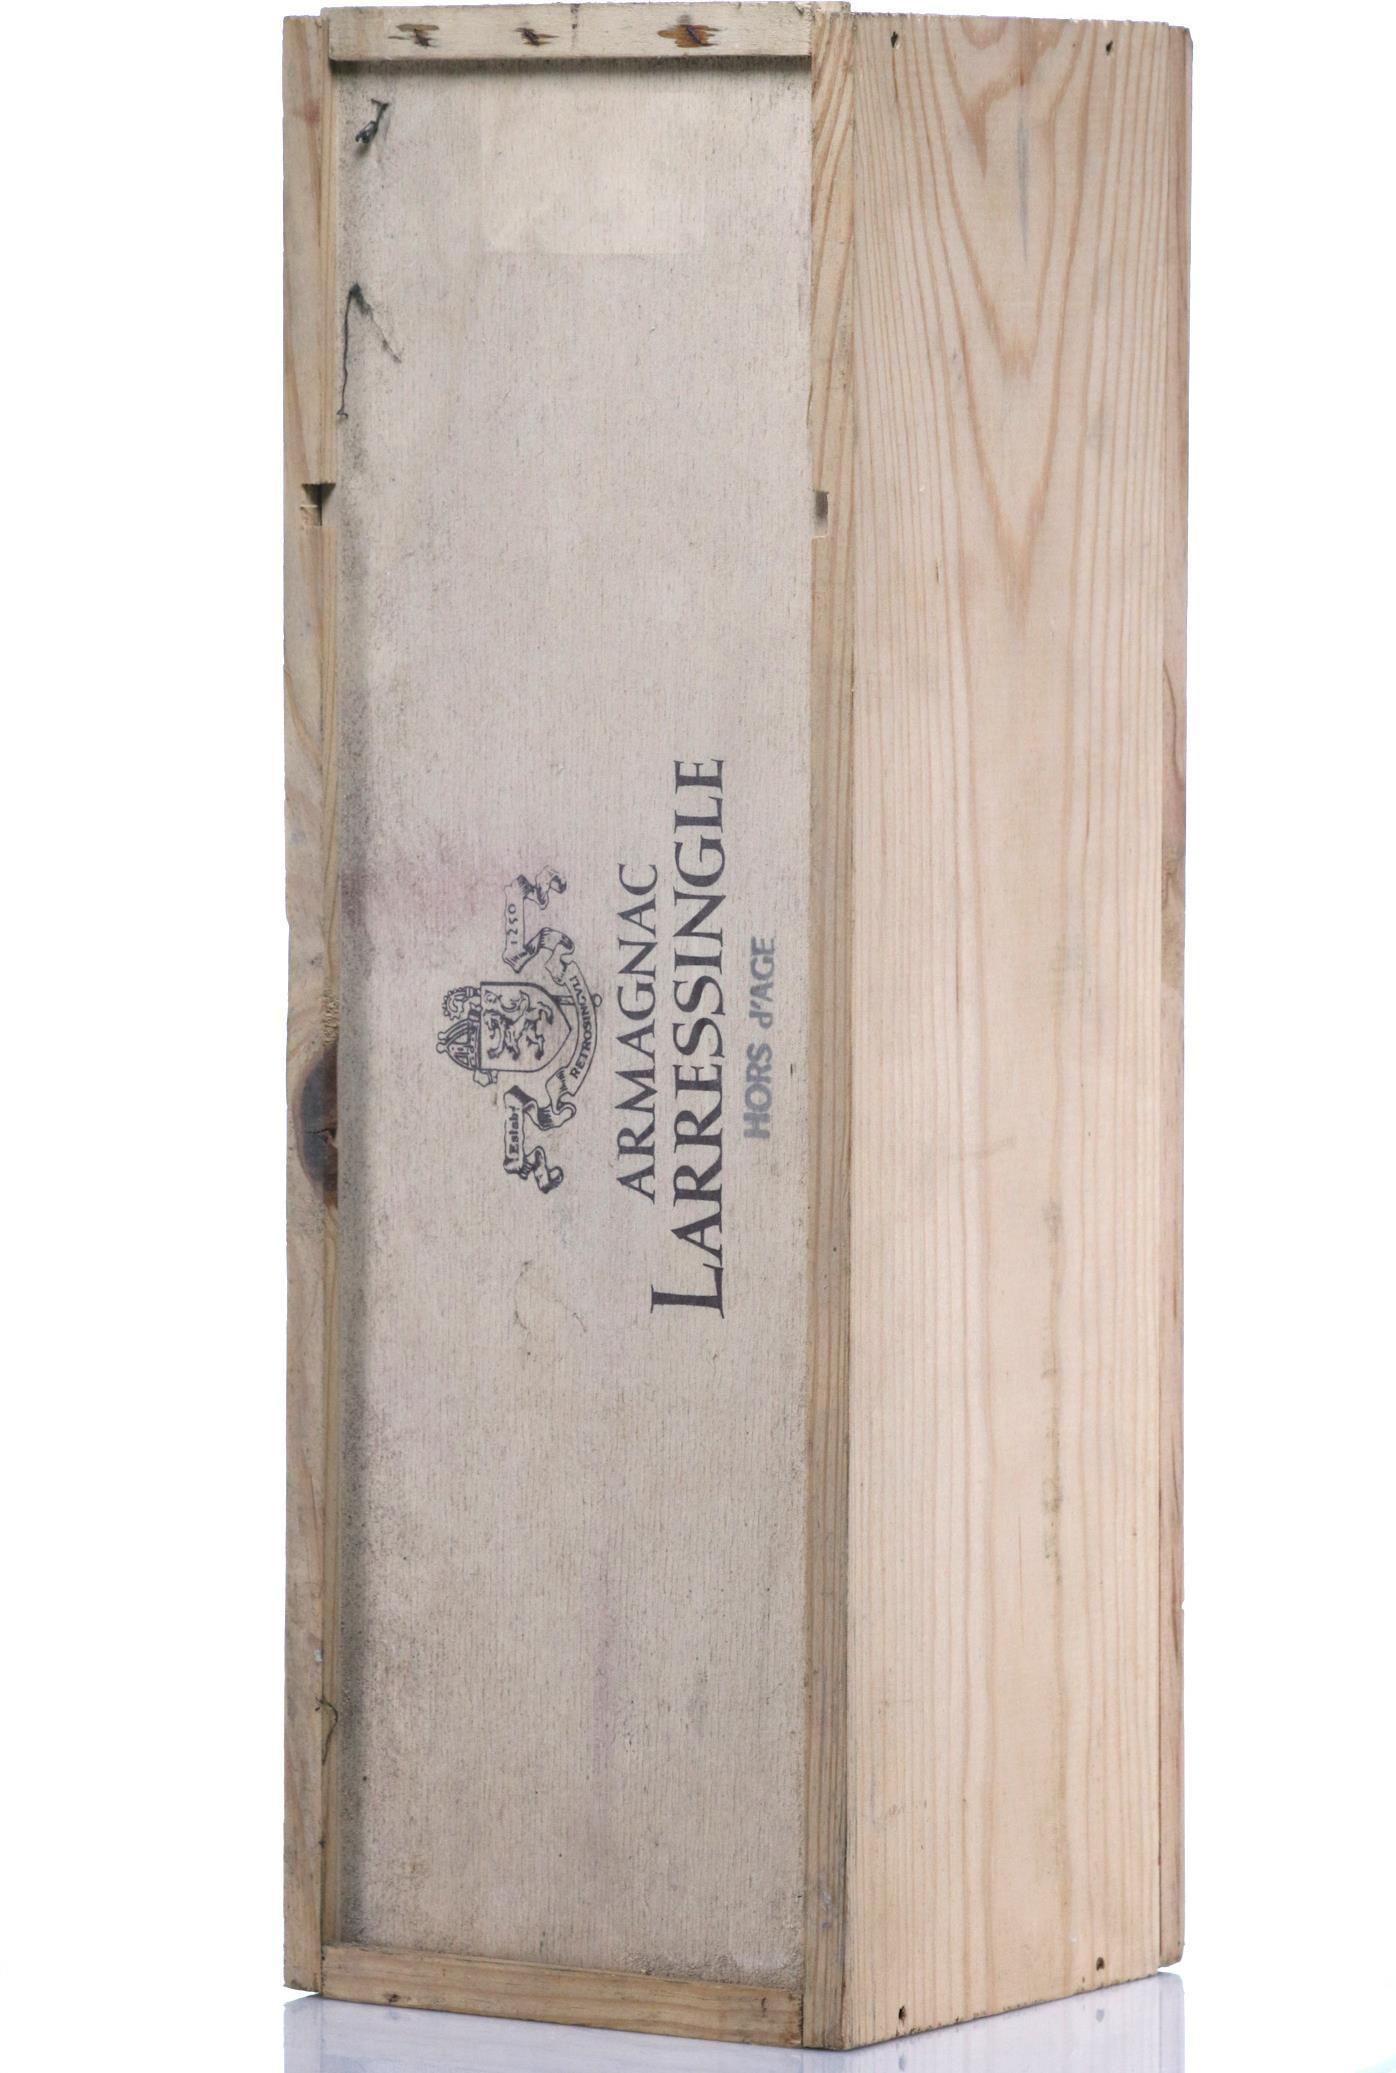 Armagnac NV Larresingle